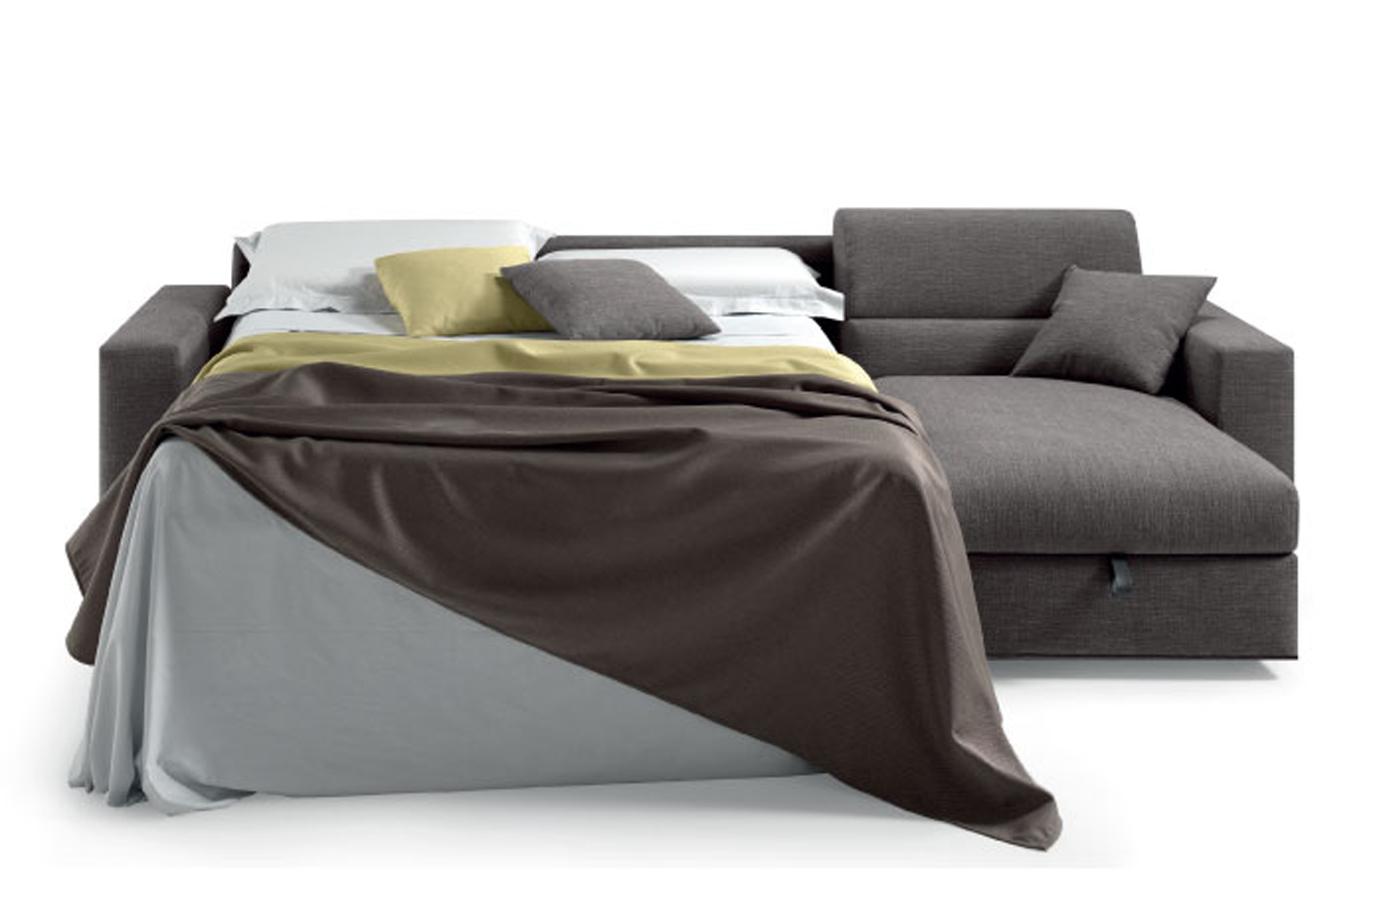 Samoa-divano-letto-Swap-and-Change-1-stoffa-pelle-ecopelle-angolo-3 ...